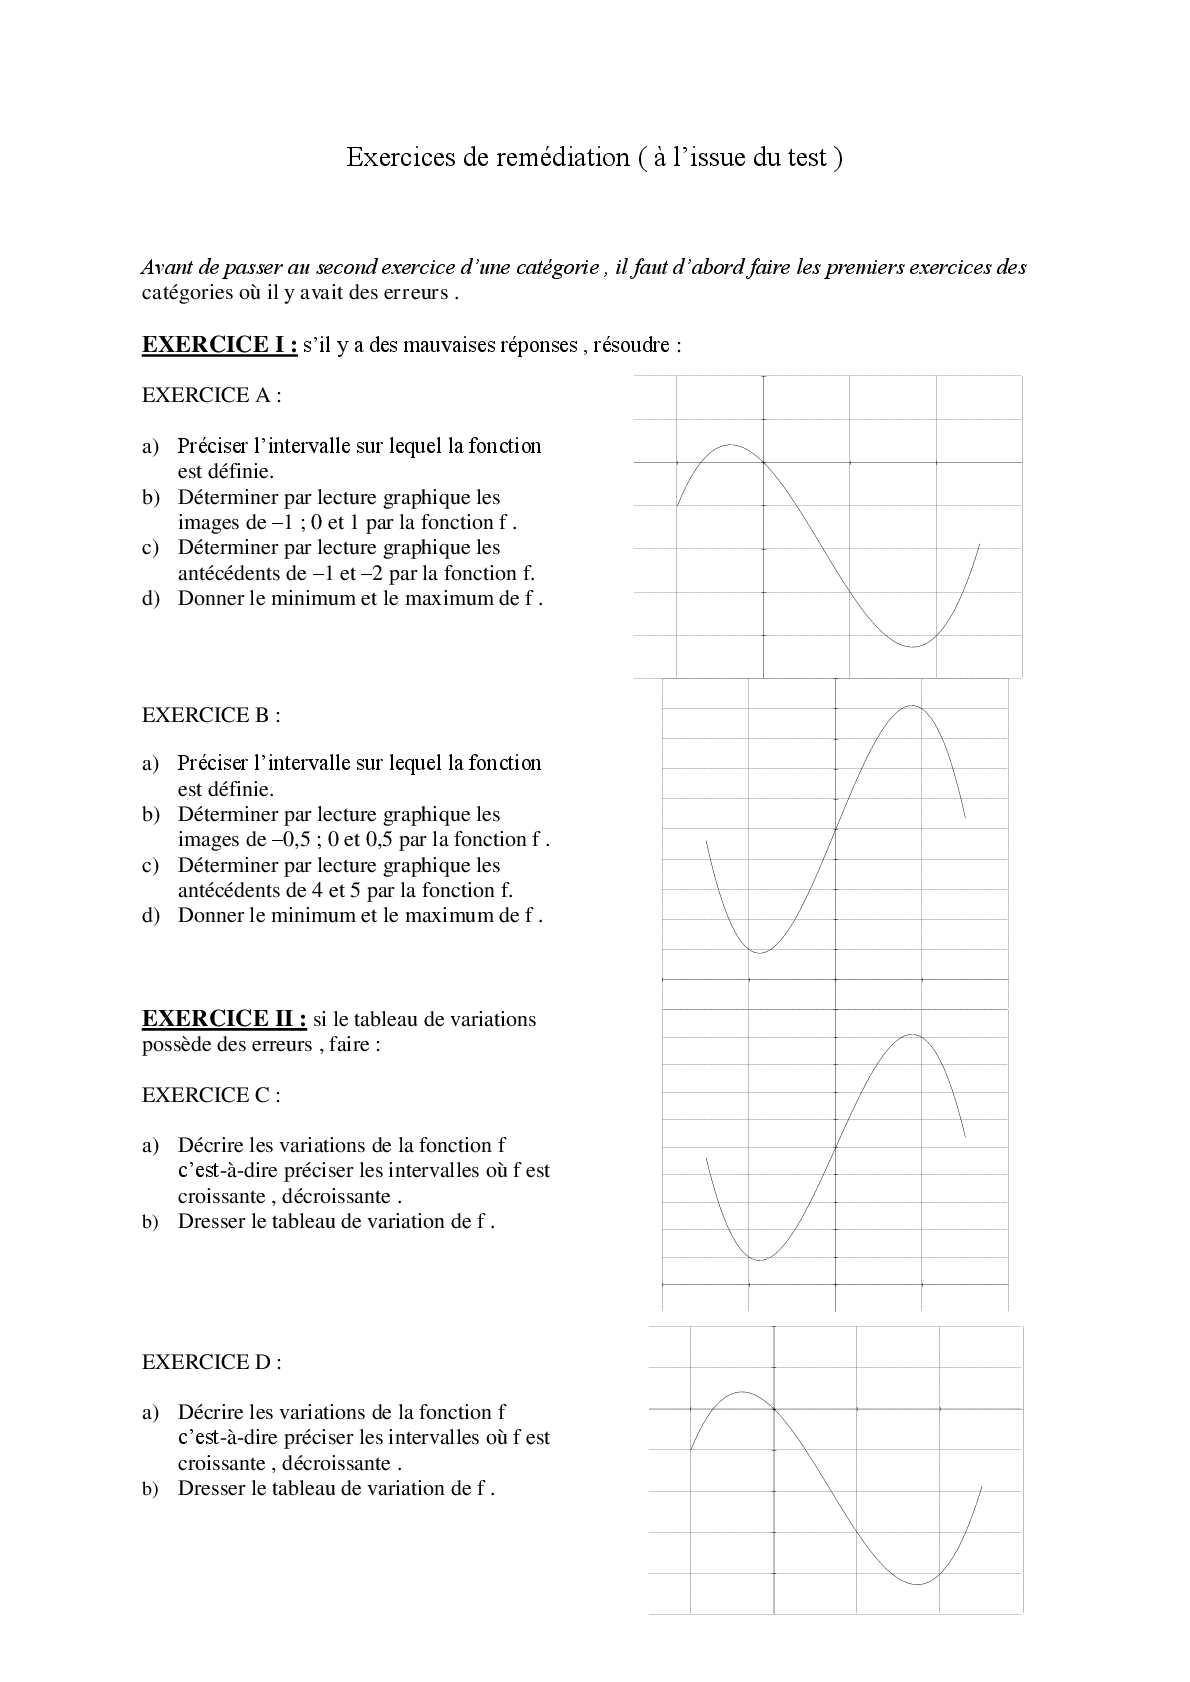 Calameo Exercices De Remediation Suite A Un Test